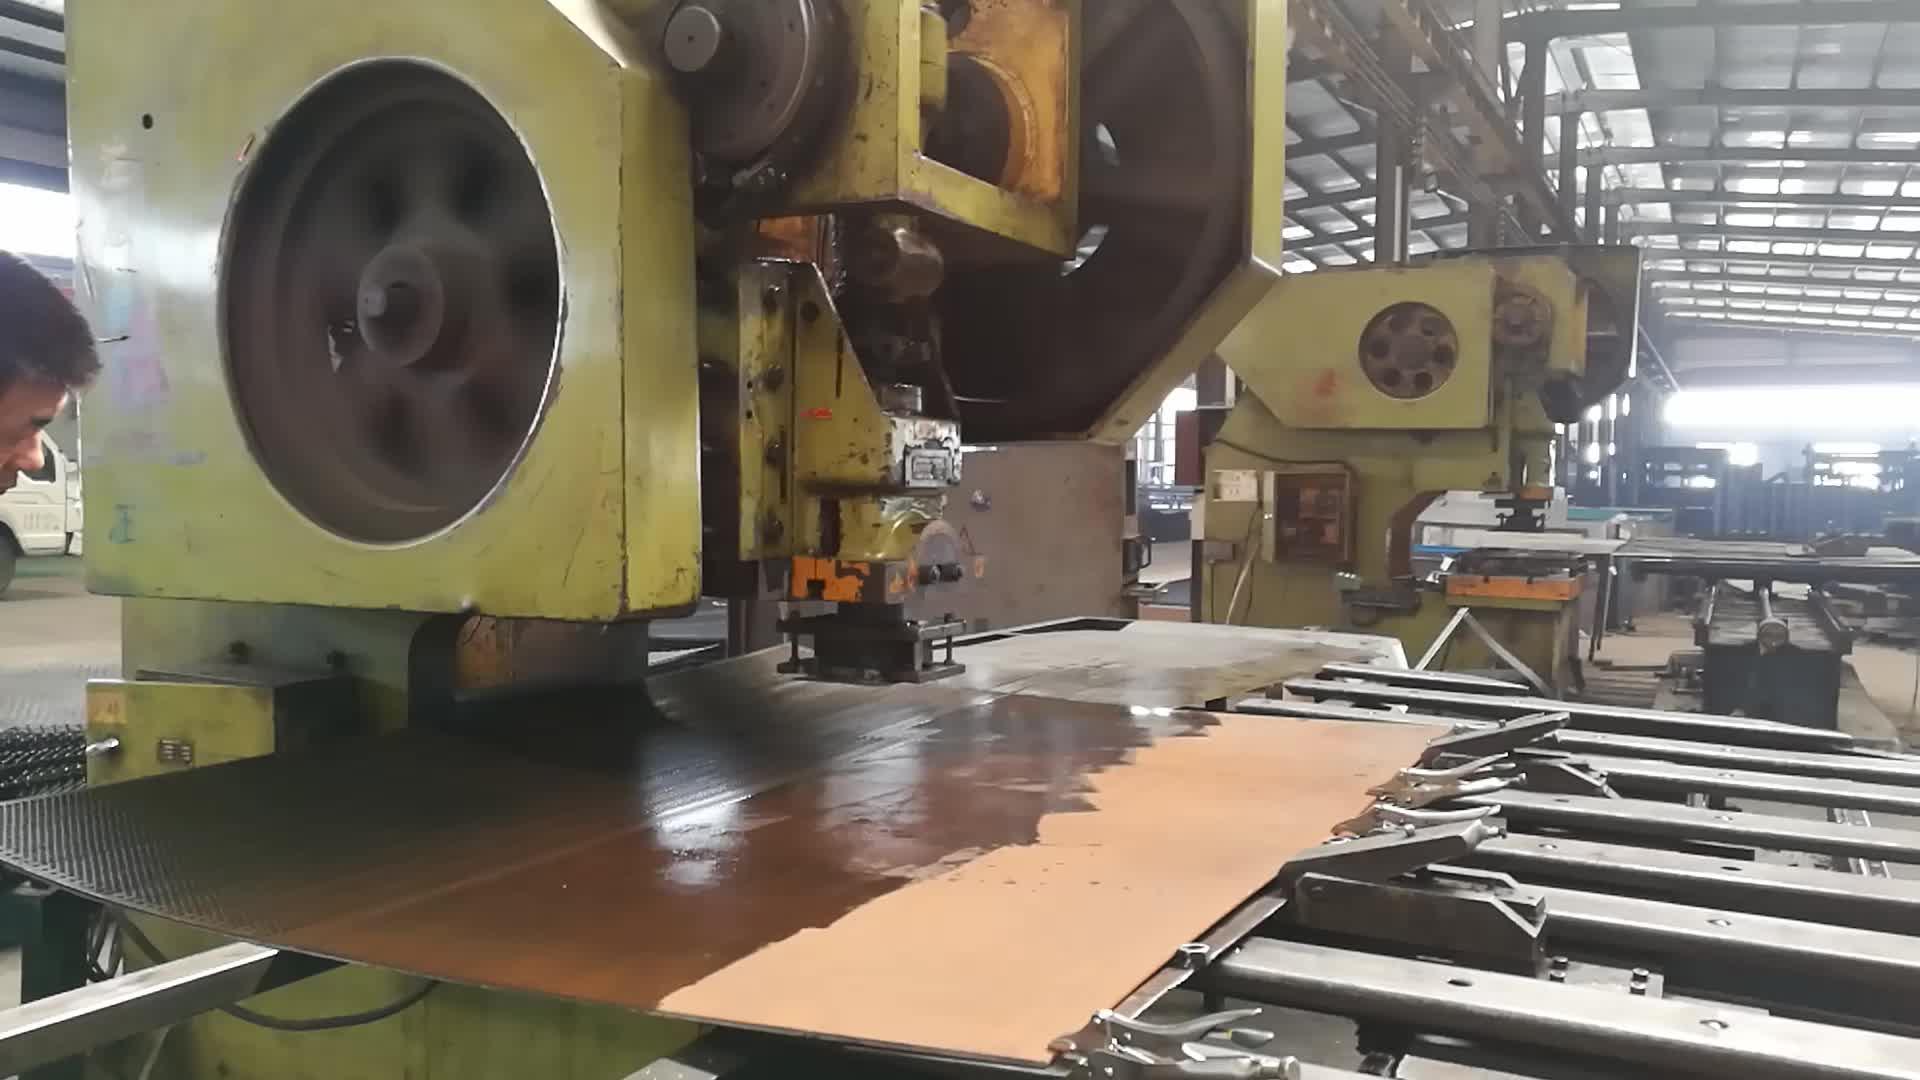 Lubang Bulat PVC Dilapisi atau Galvanis Baja Karbon Rendah Kualitas Tinggi Mesh Logam Berlubang